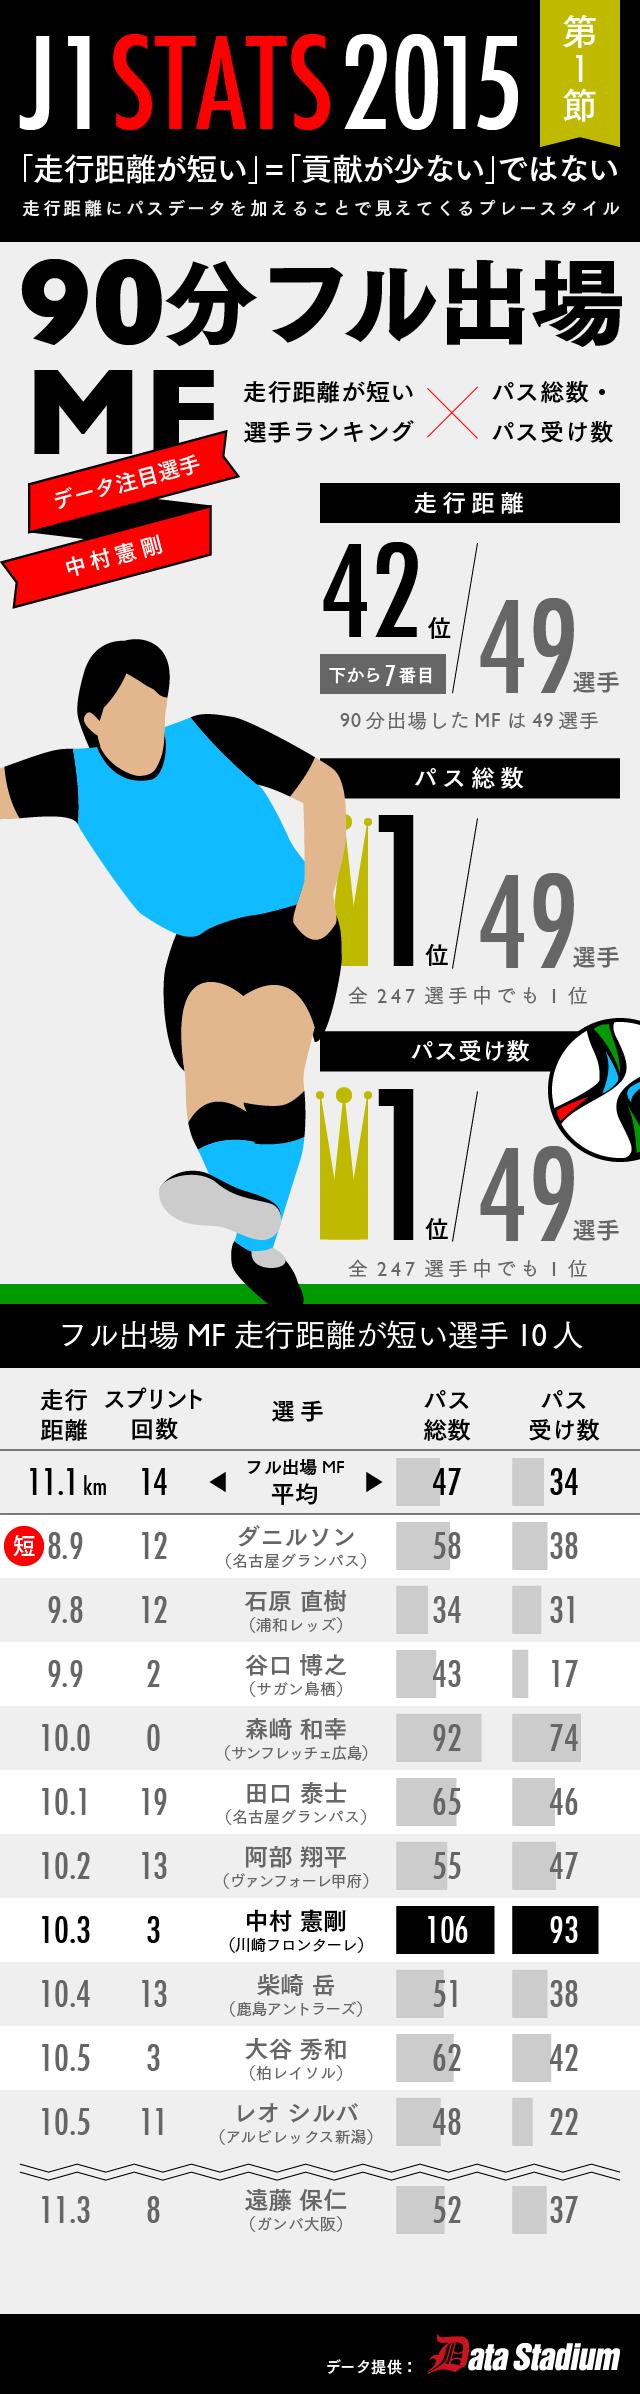 0956【マスター】J1節STATS_20150314-01